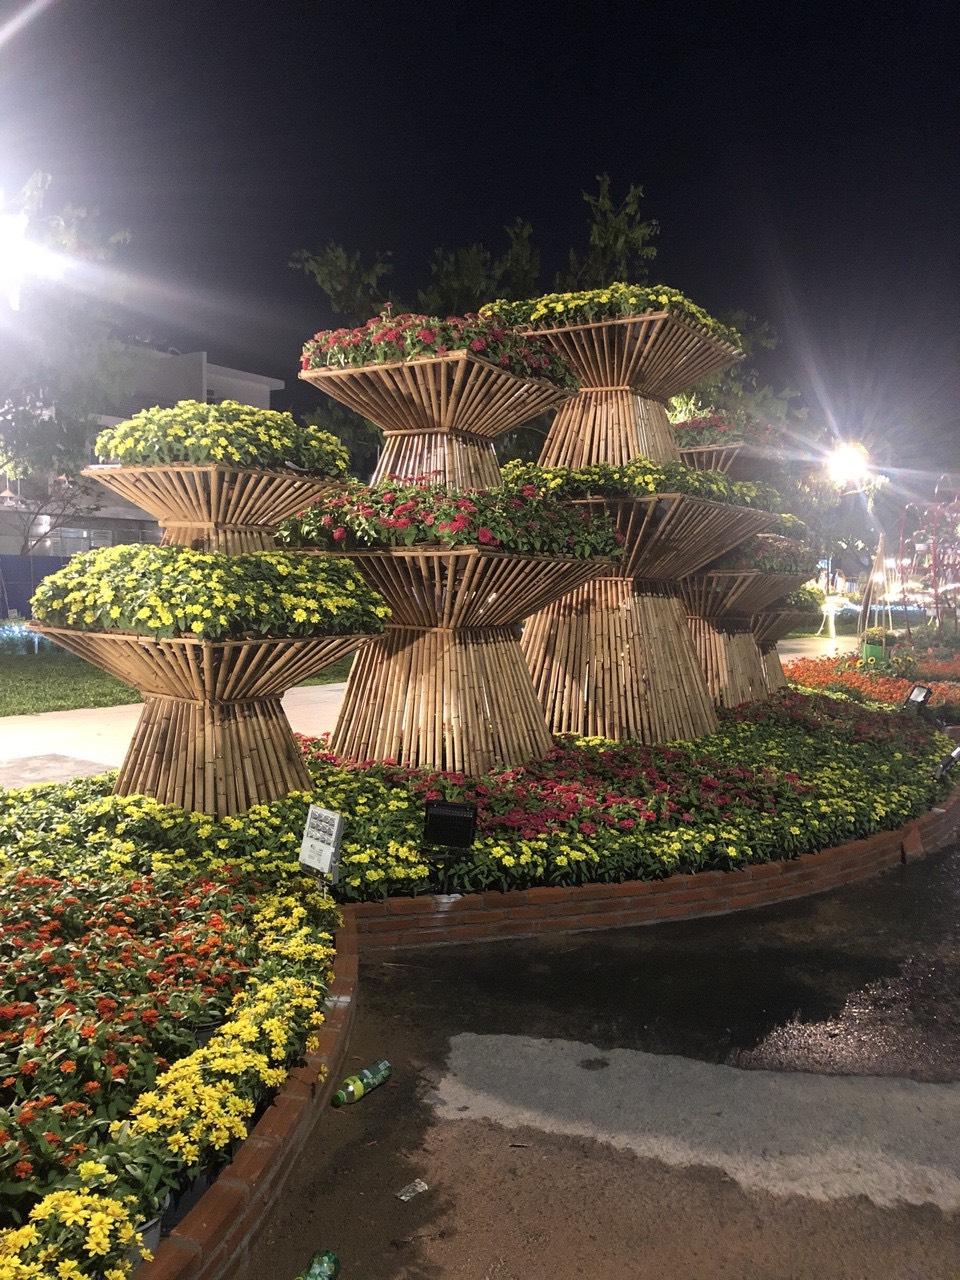 Thi công trang trí hội chợ xuân tại công viên.